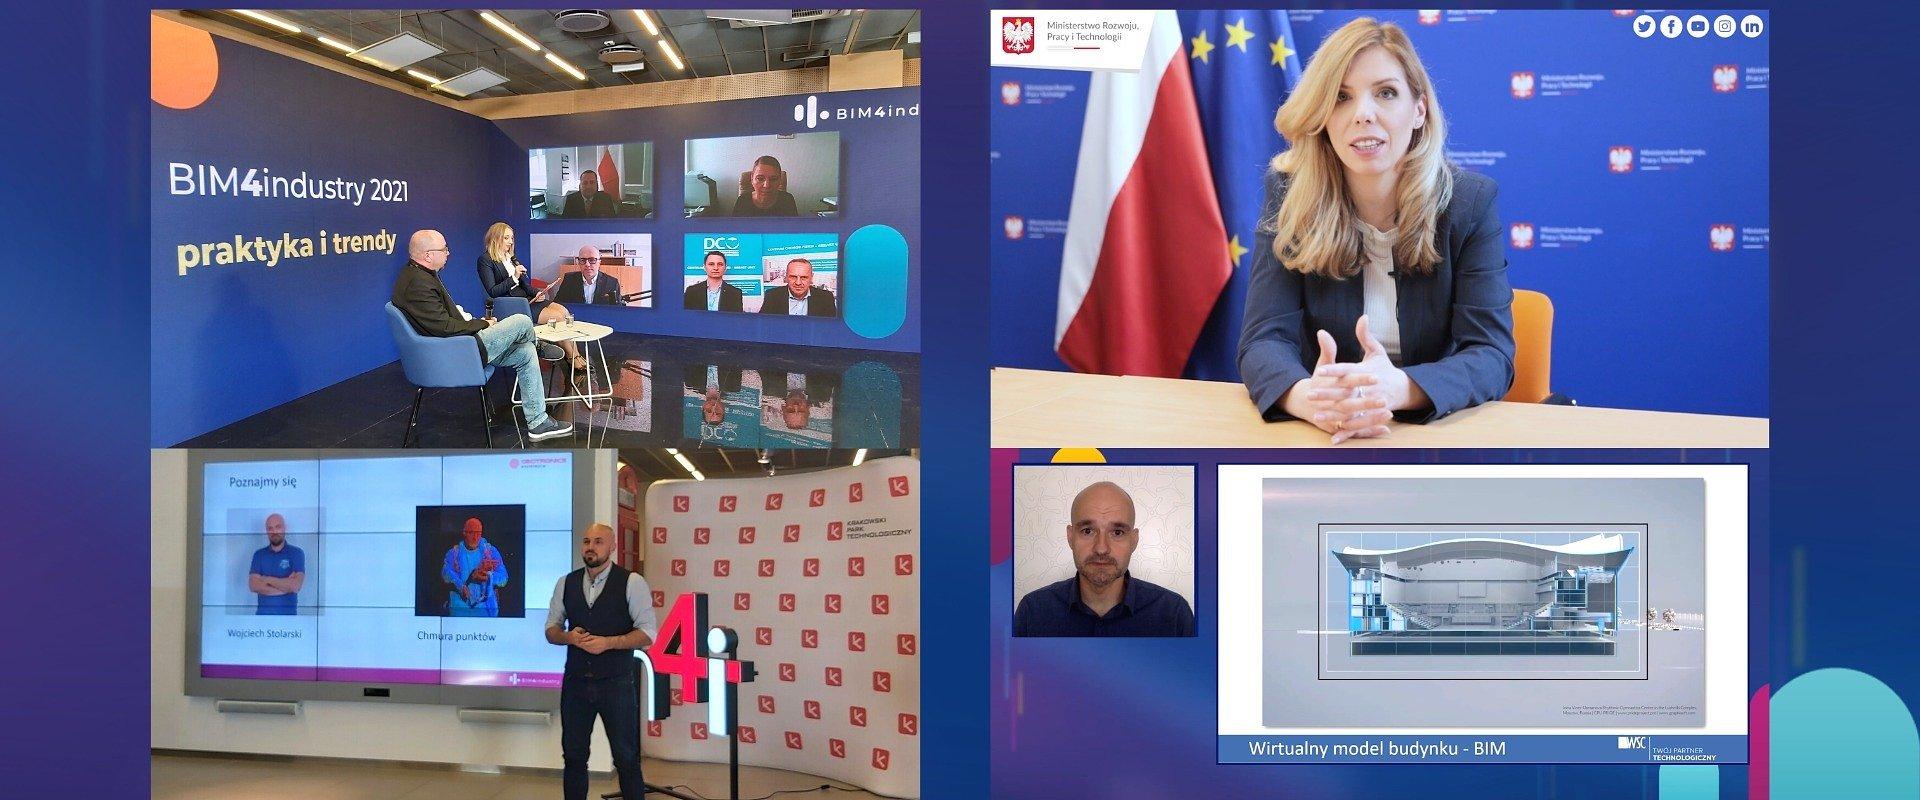 """""""Pierwsze takie wydarzenie w Polsce"""" - podsumowujemy BIM4industry 2021."""